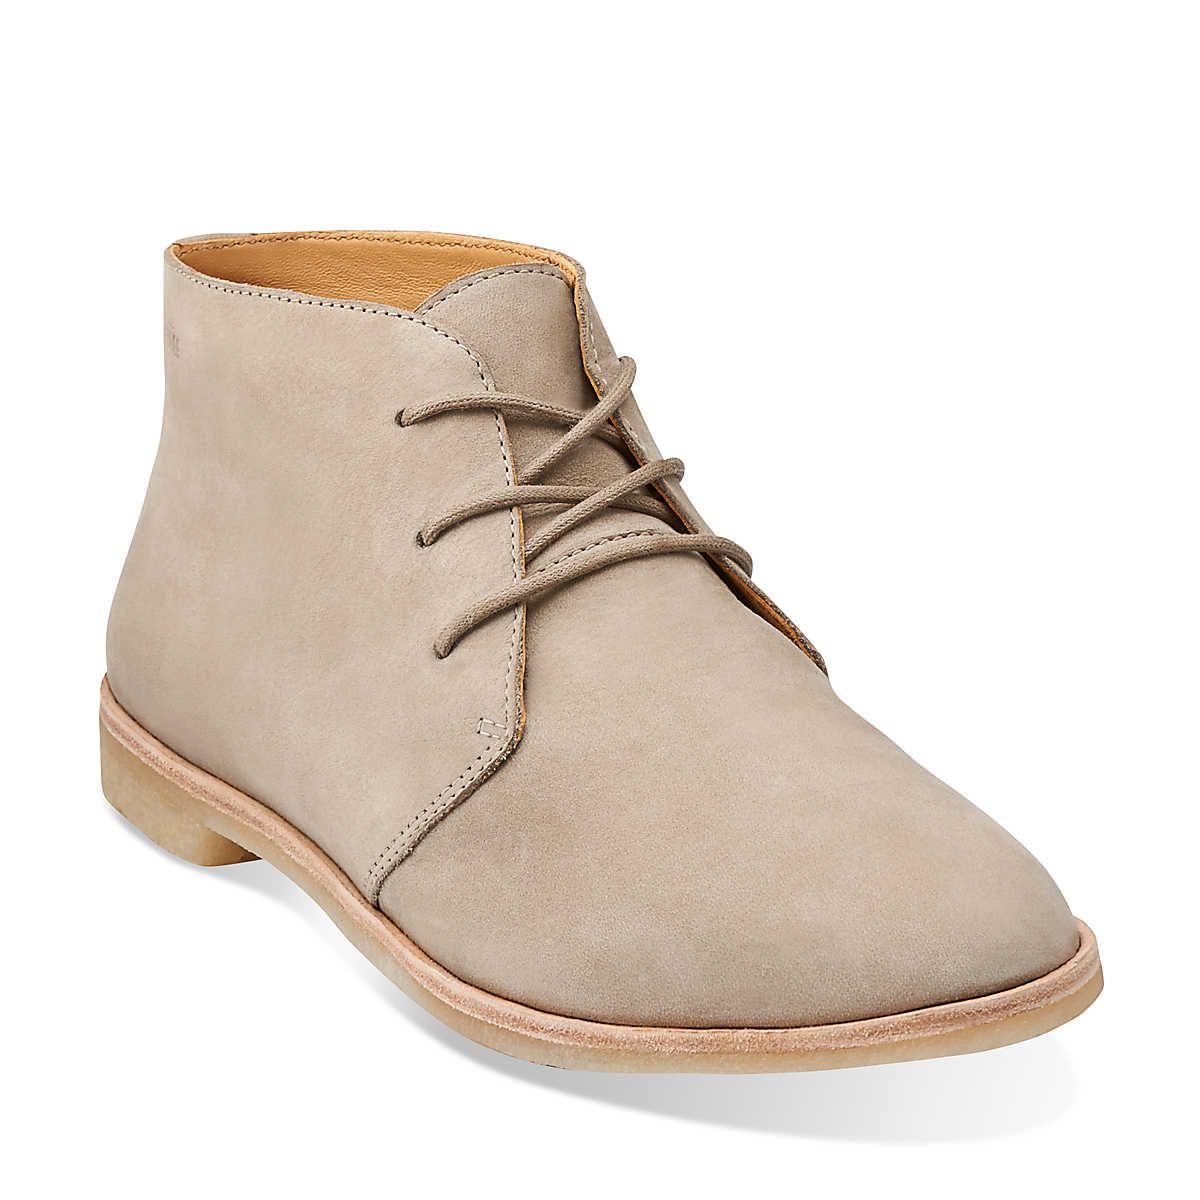 Womens Boots Clarks Phenia Desert Sand Nubuck